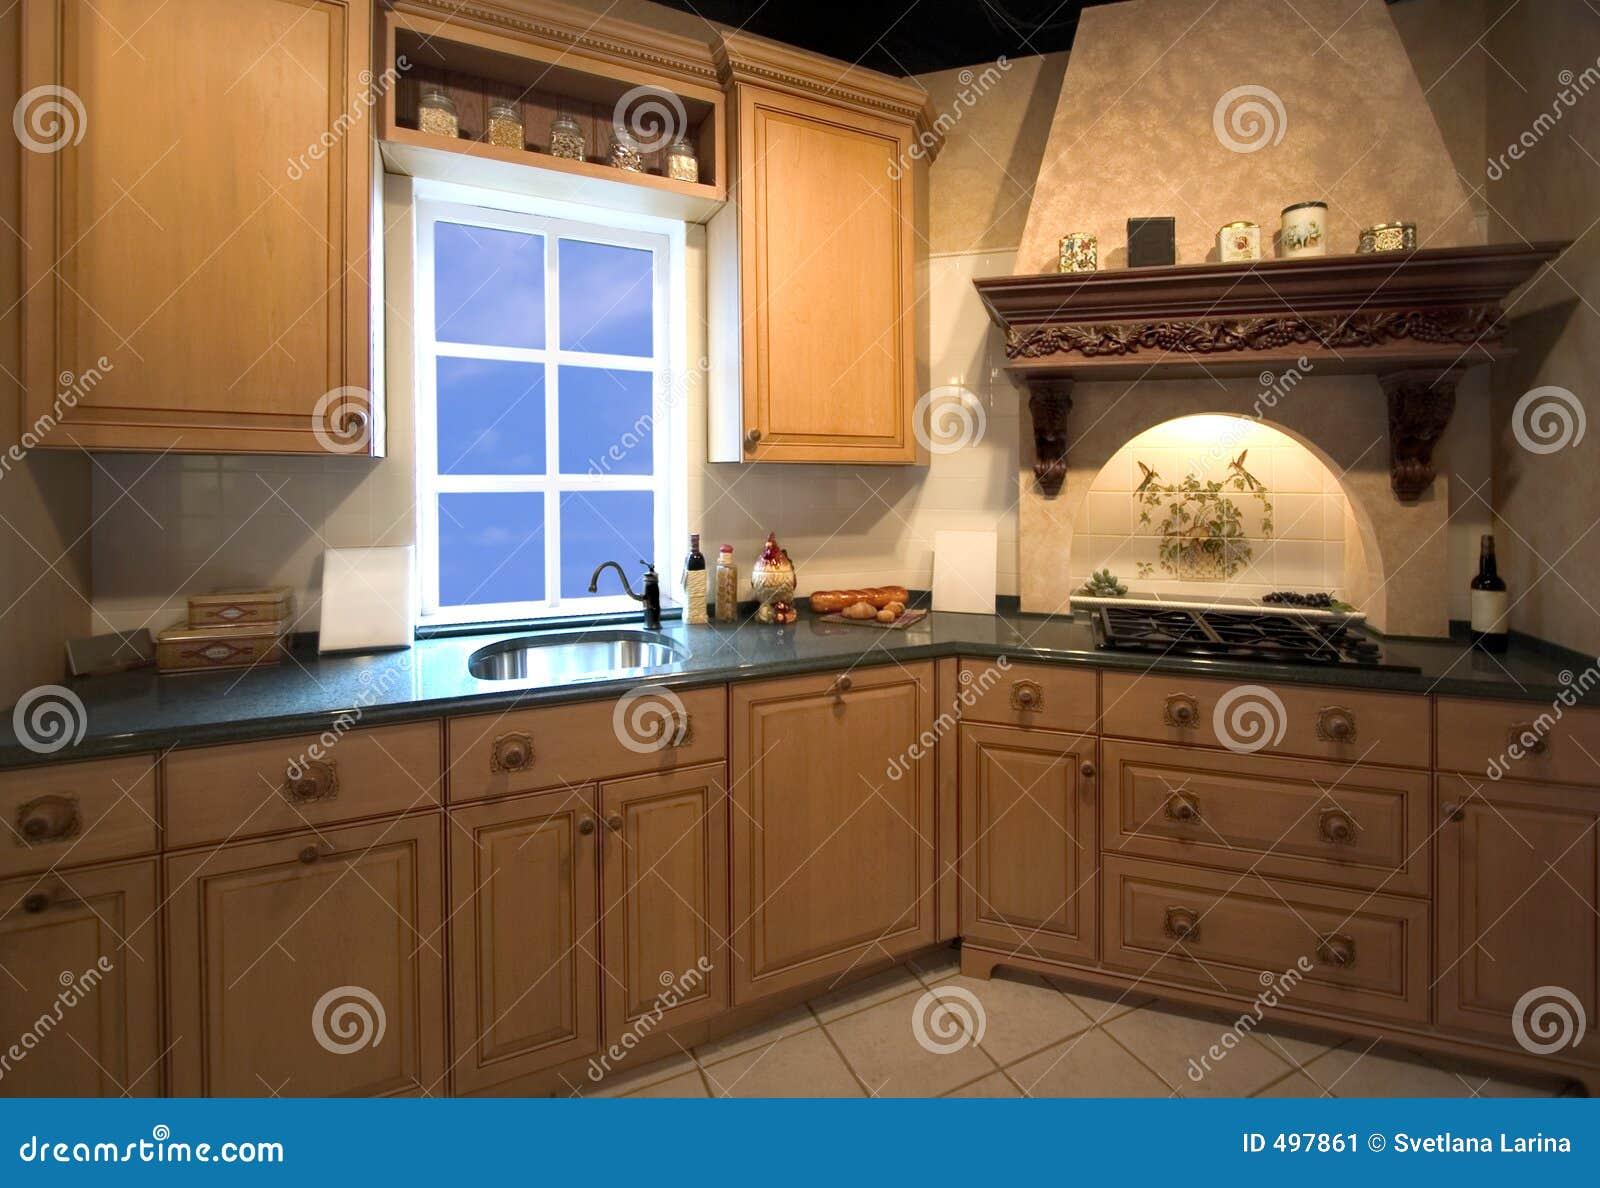 Kitchen interior with window